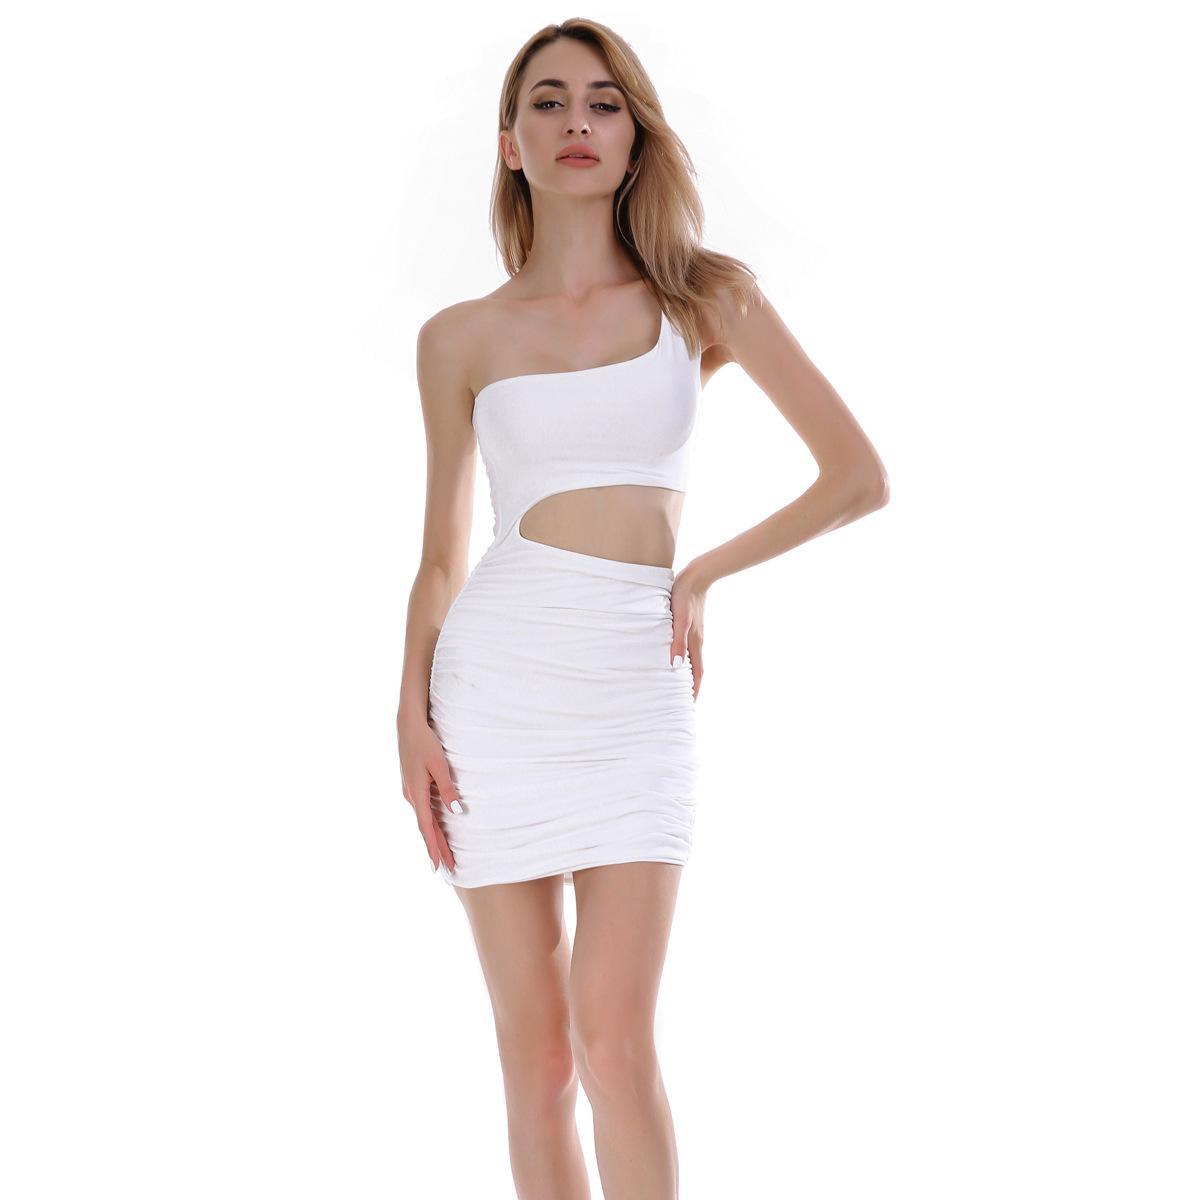 Мода женская сумка хип юбка новый 11 цвет 5 размер 2020 летнее платье европейский кроссовер ночной клуб сексуальное платье